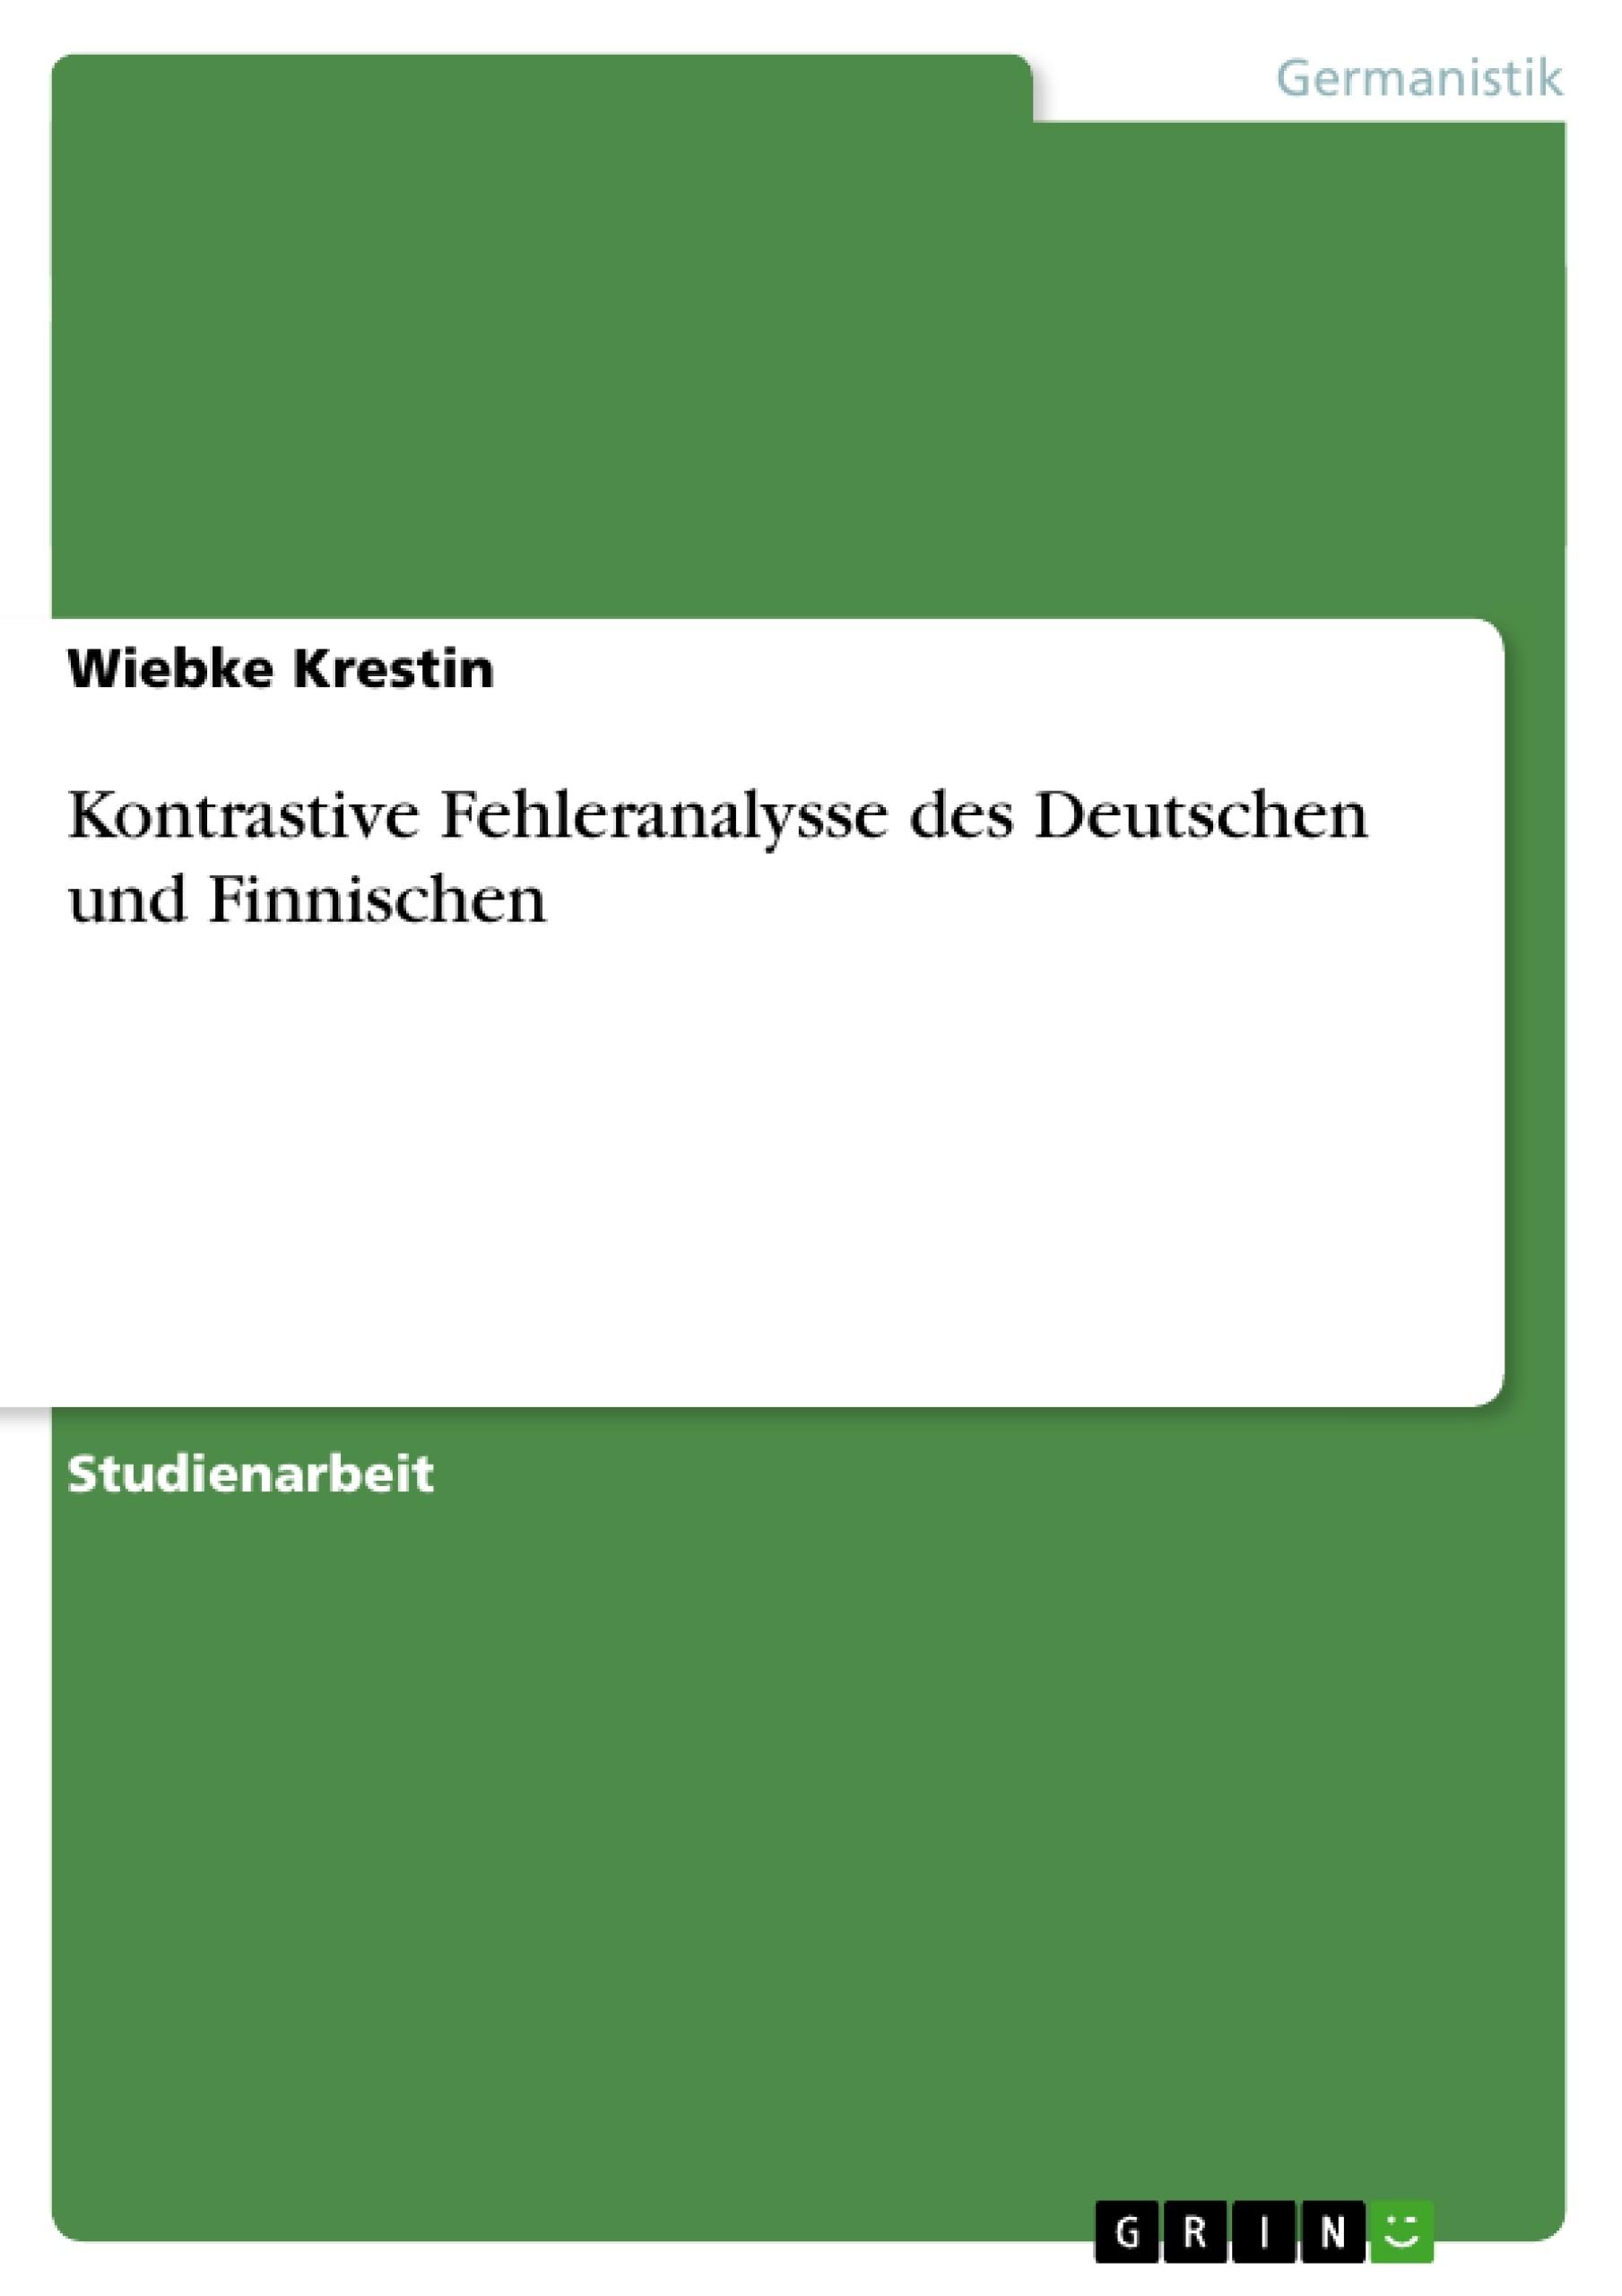 Titel: Kontrastive Fehleranalysse des Deutschen und Finnischen